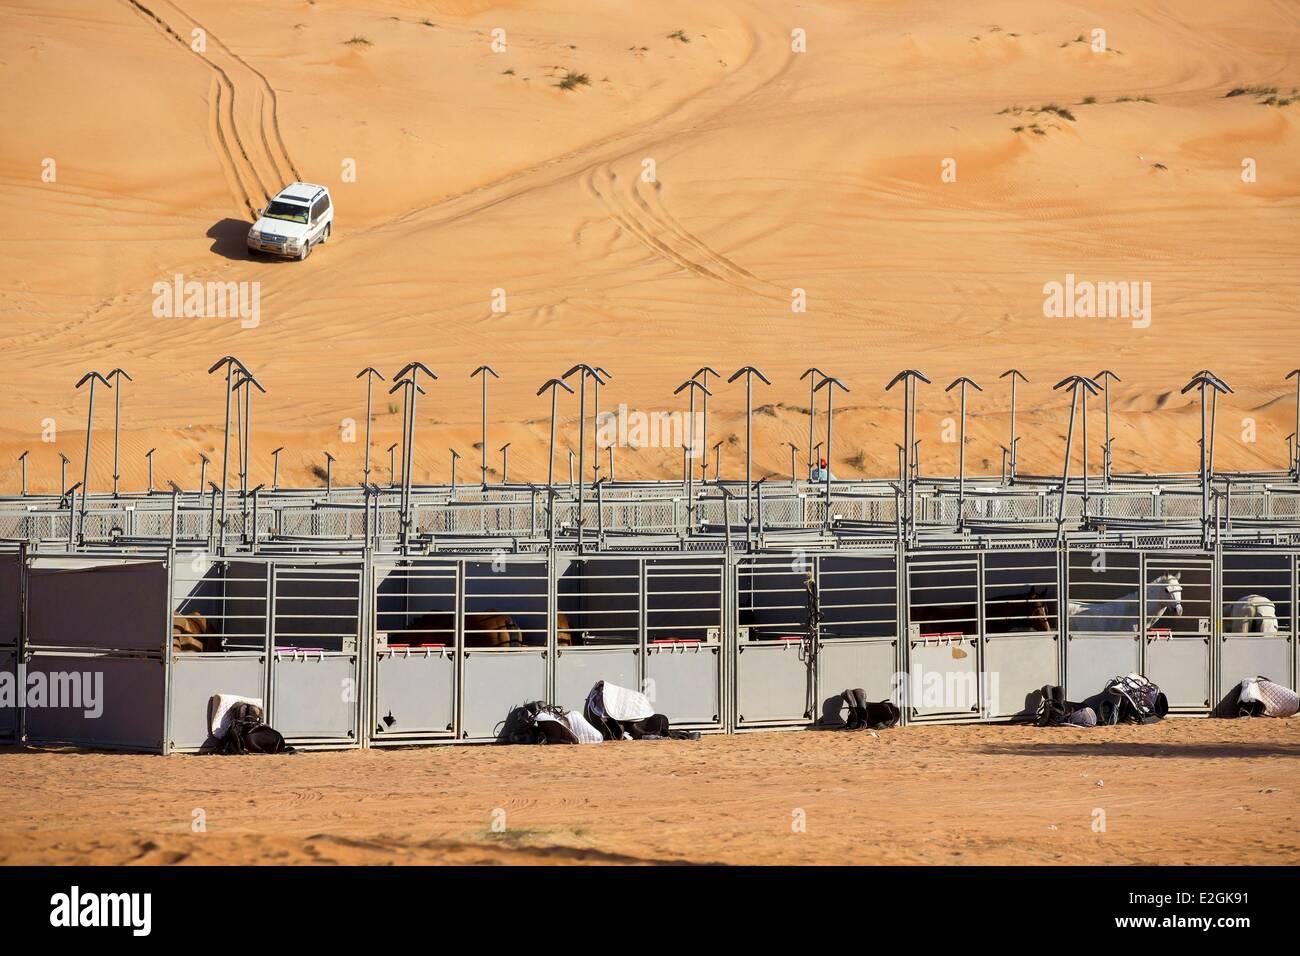 Sultanato de Omán Ash Sharqiyyah región desierto Wahiba galope aventura ecuestre de Omán Tawi Wareed Imagen De Stock